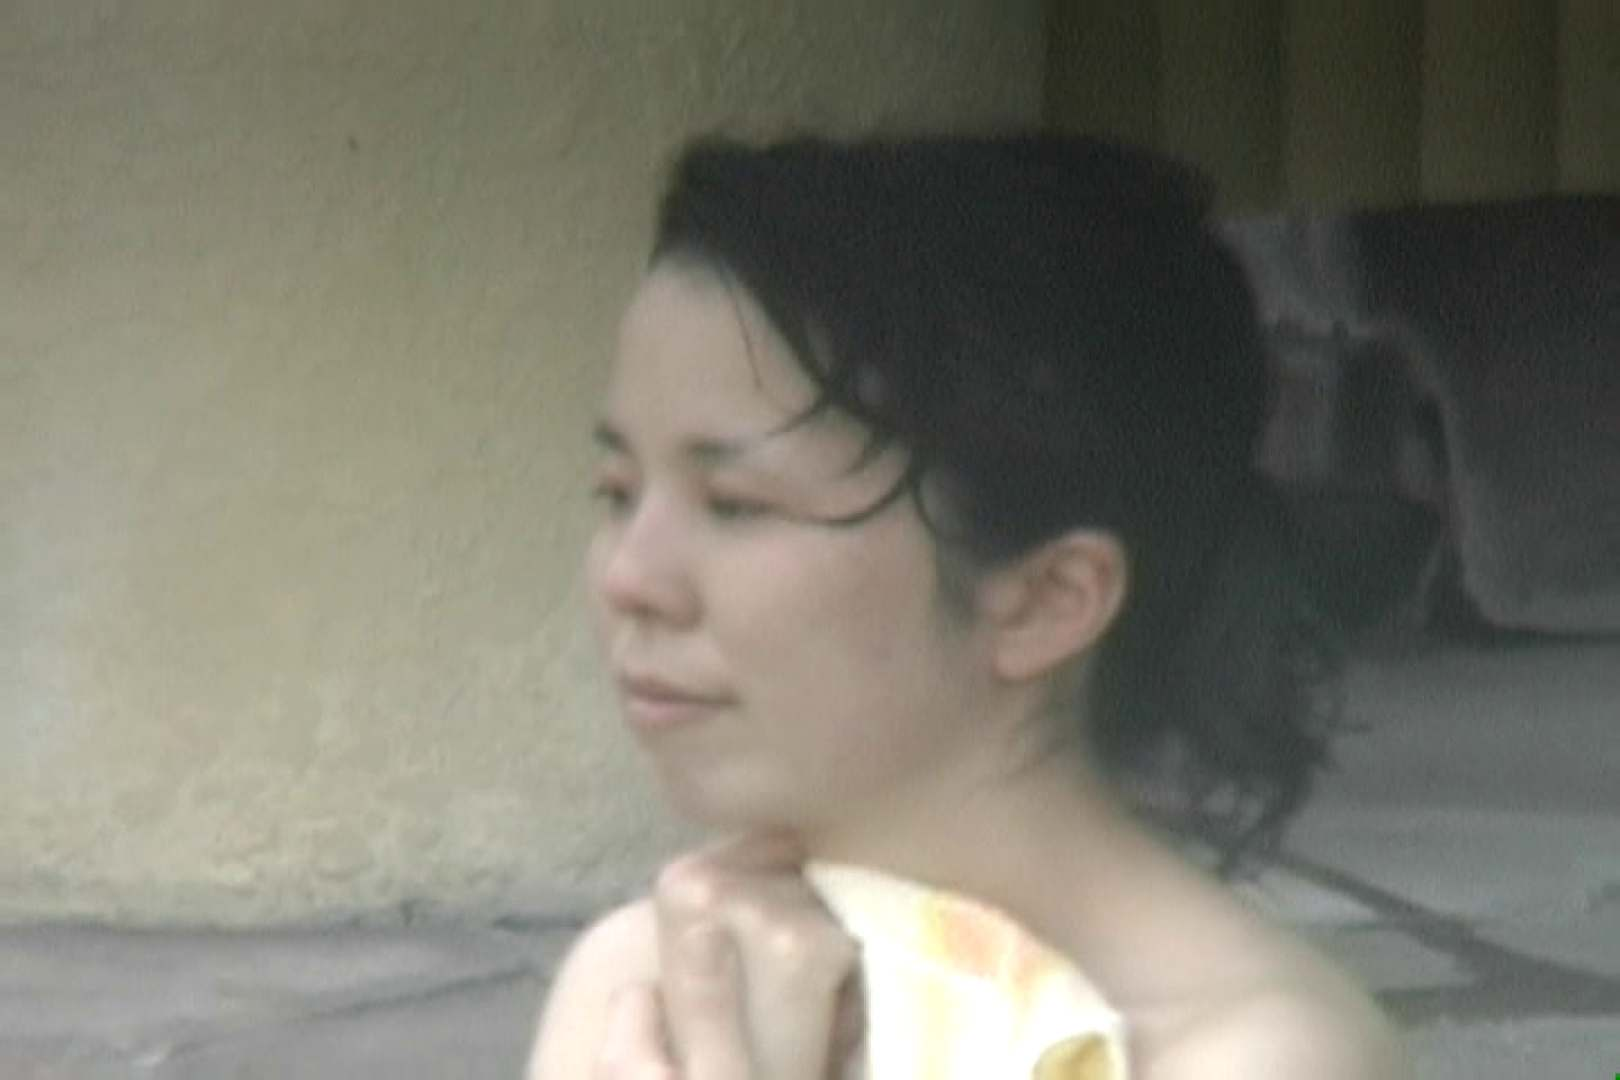 高画質露天女風呂観察 vol.007 高画質 のぞきエロ無料画像 97PICs 73